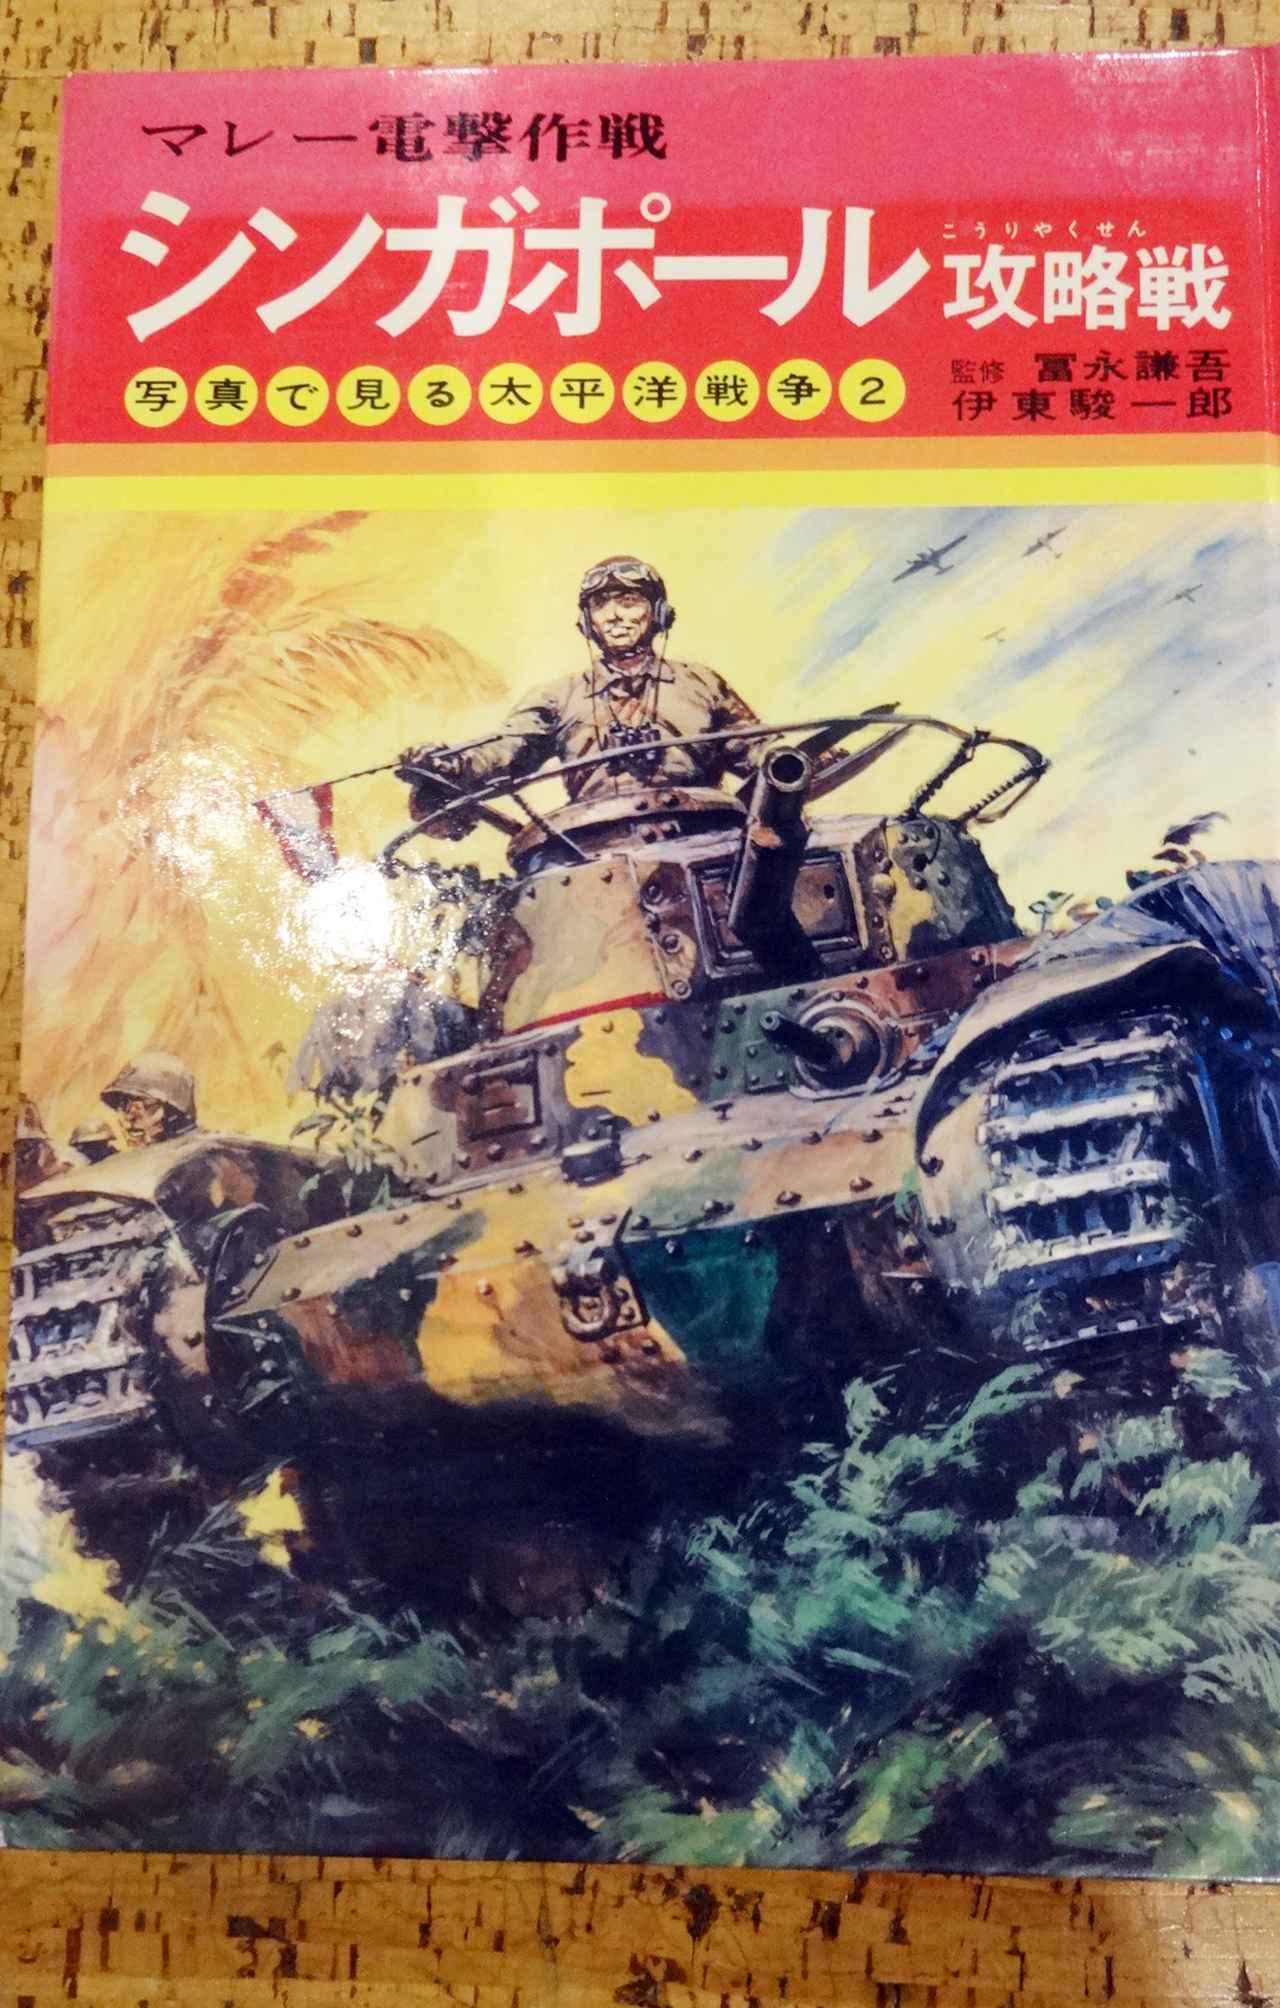 画像1: 永遠の図書室通信 第26話「戦地・マレーシア・インドネシア」